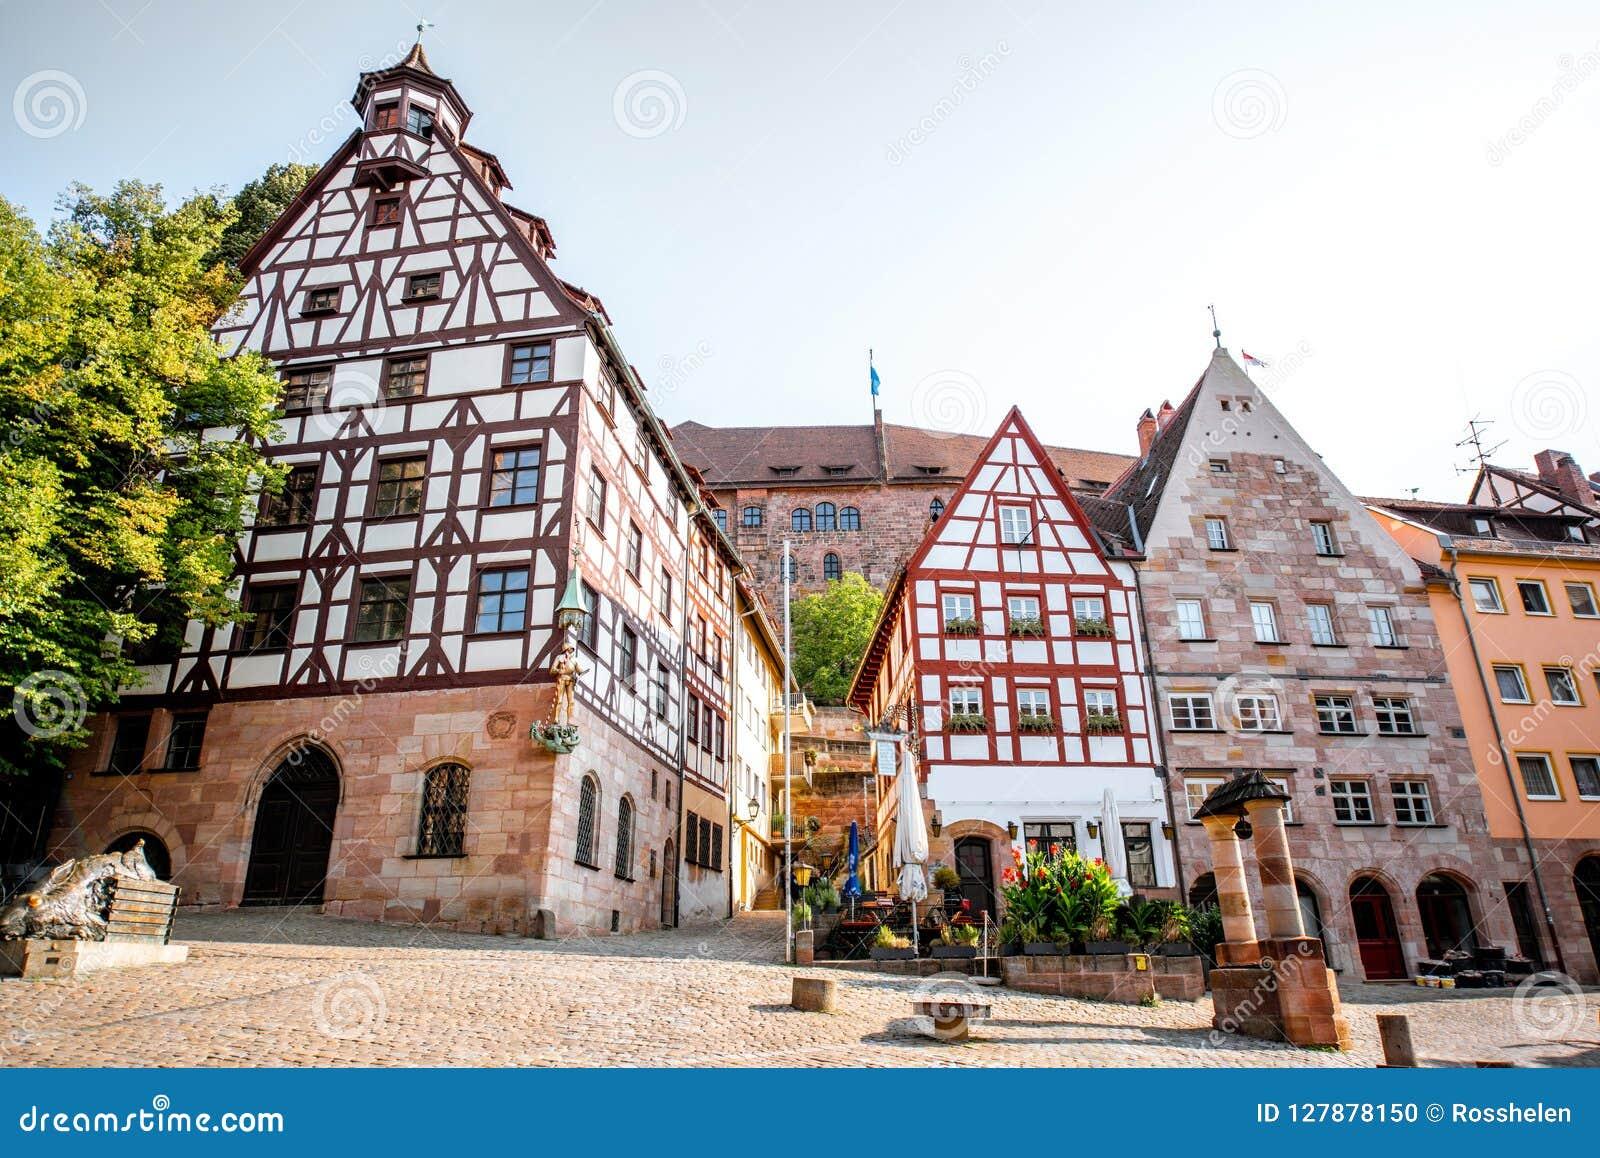 Case a graticcio in Nurnberg, Germania